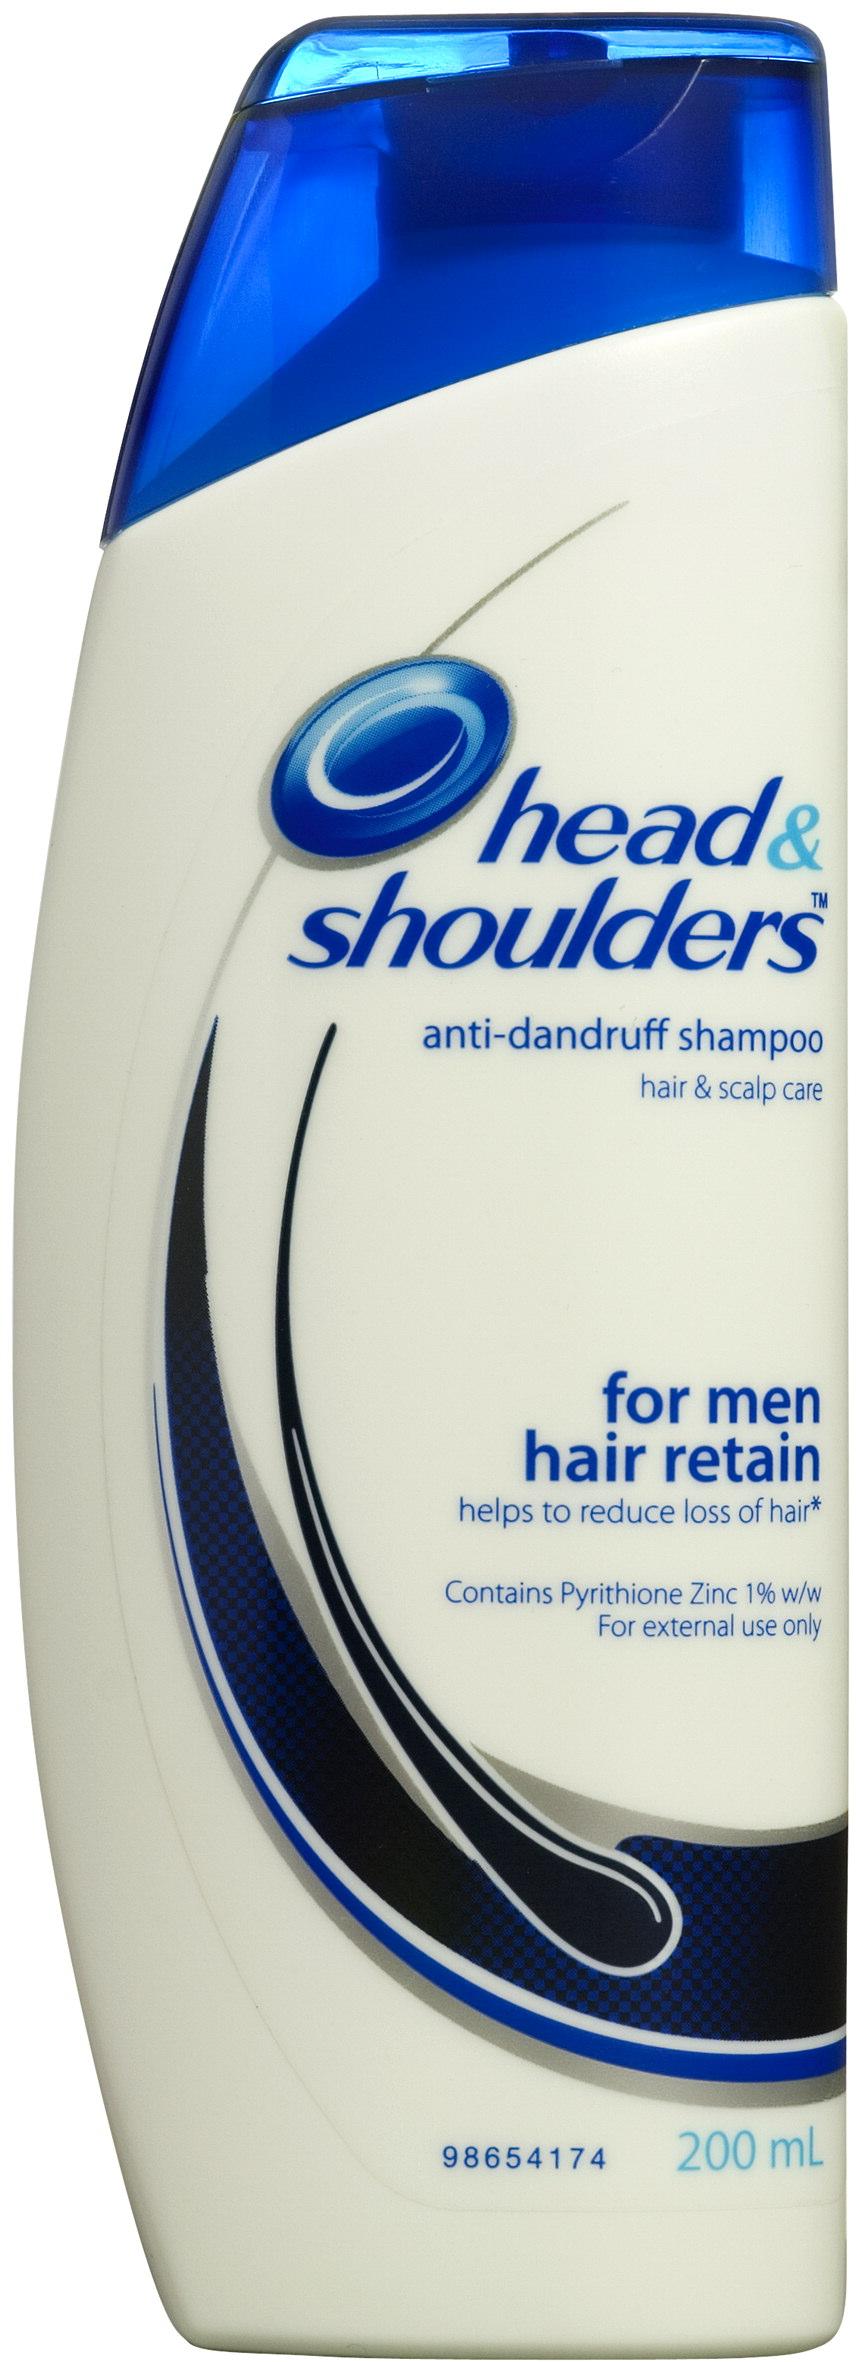 head & shoulders For Men Hair Retain Shampoo 200mL.jpg